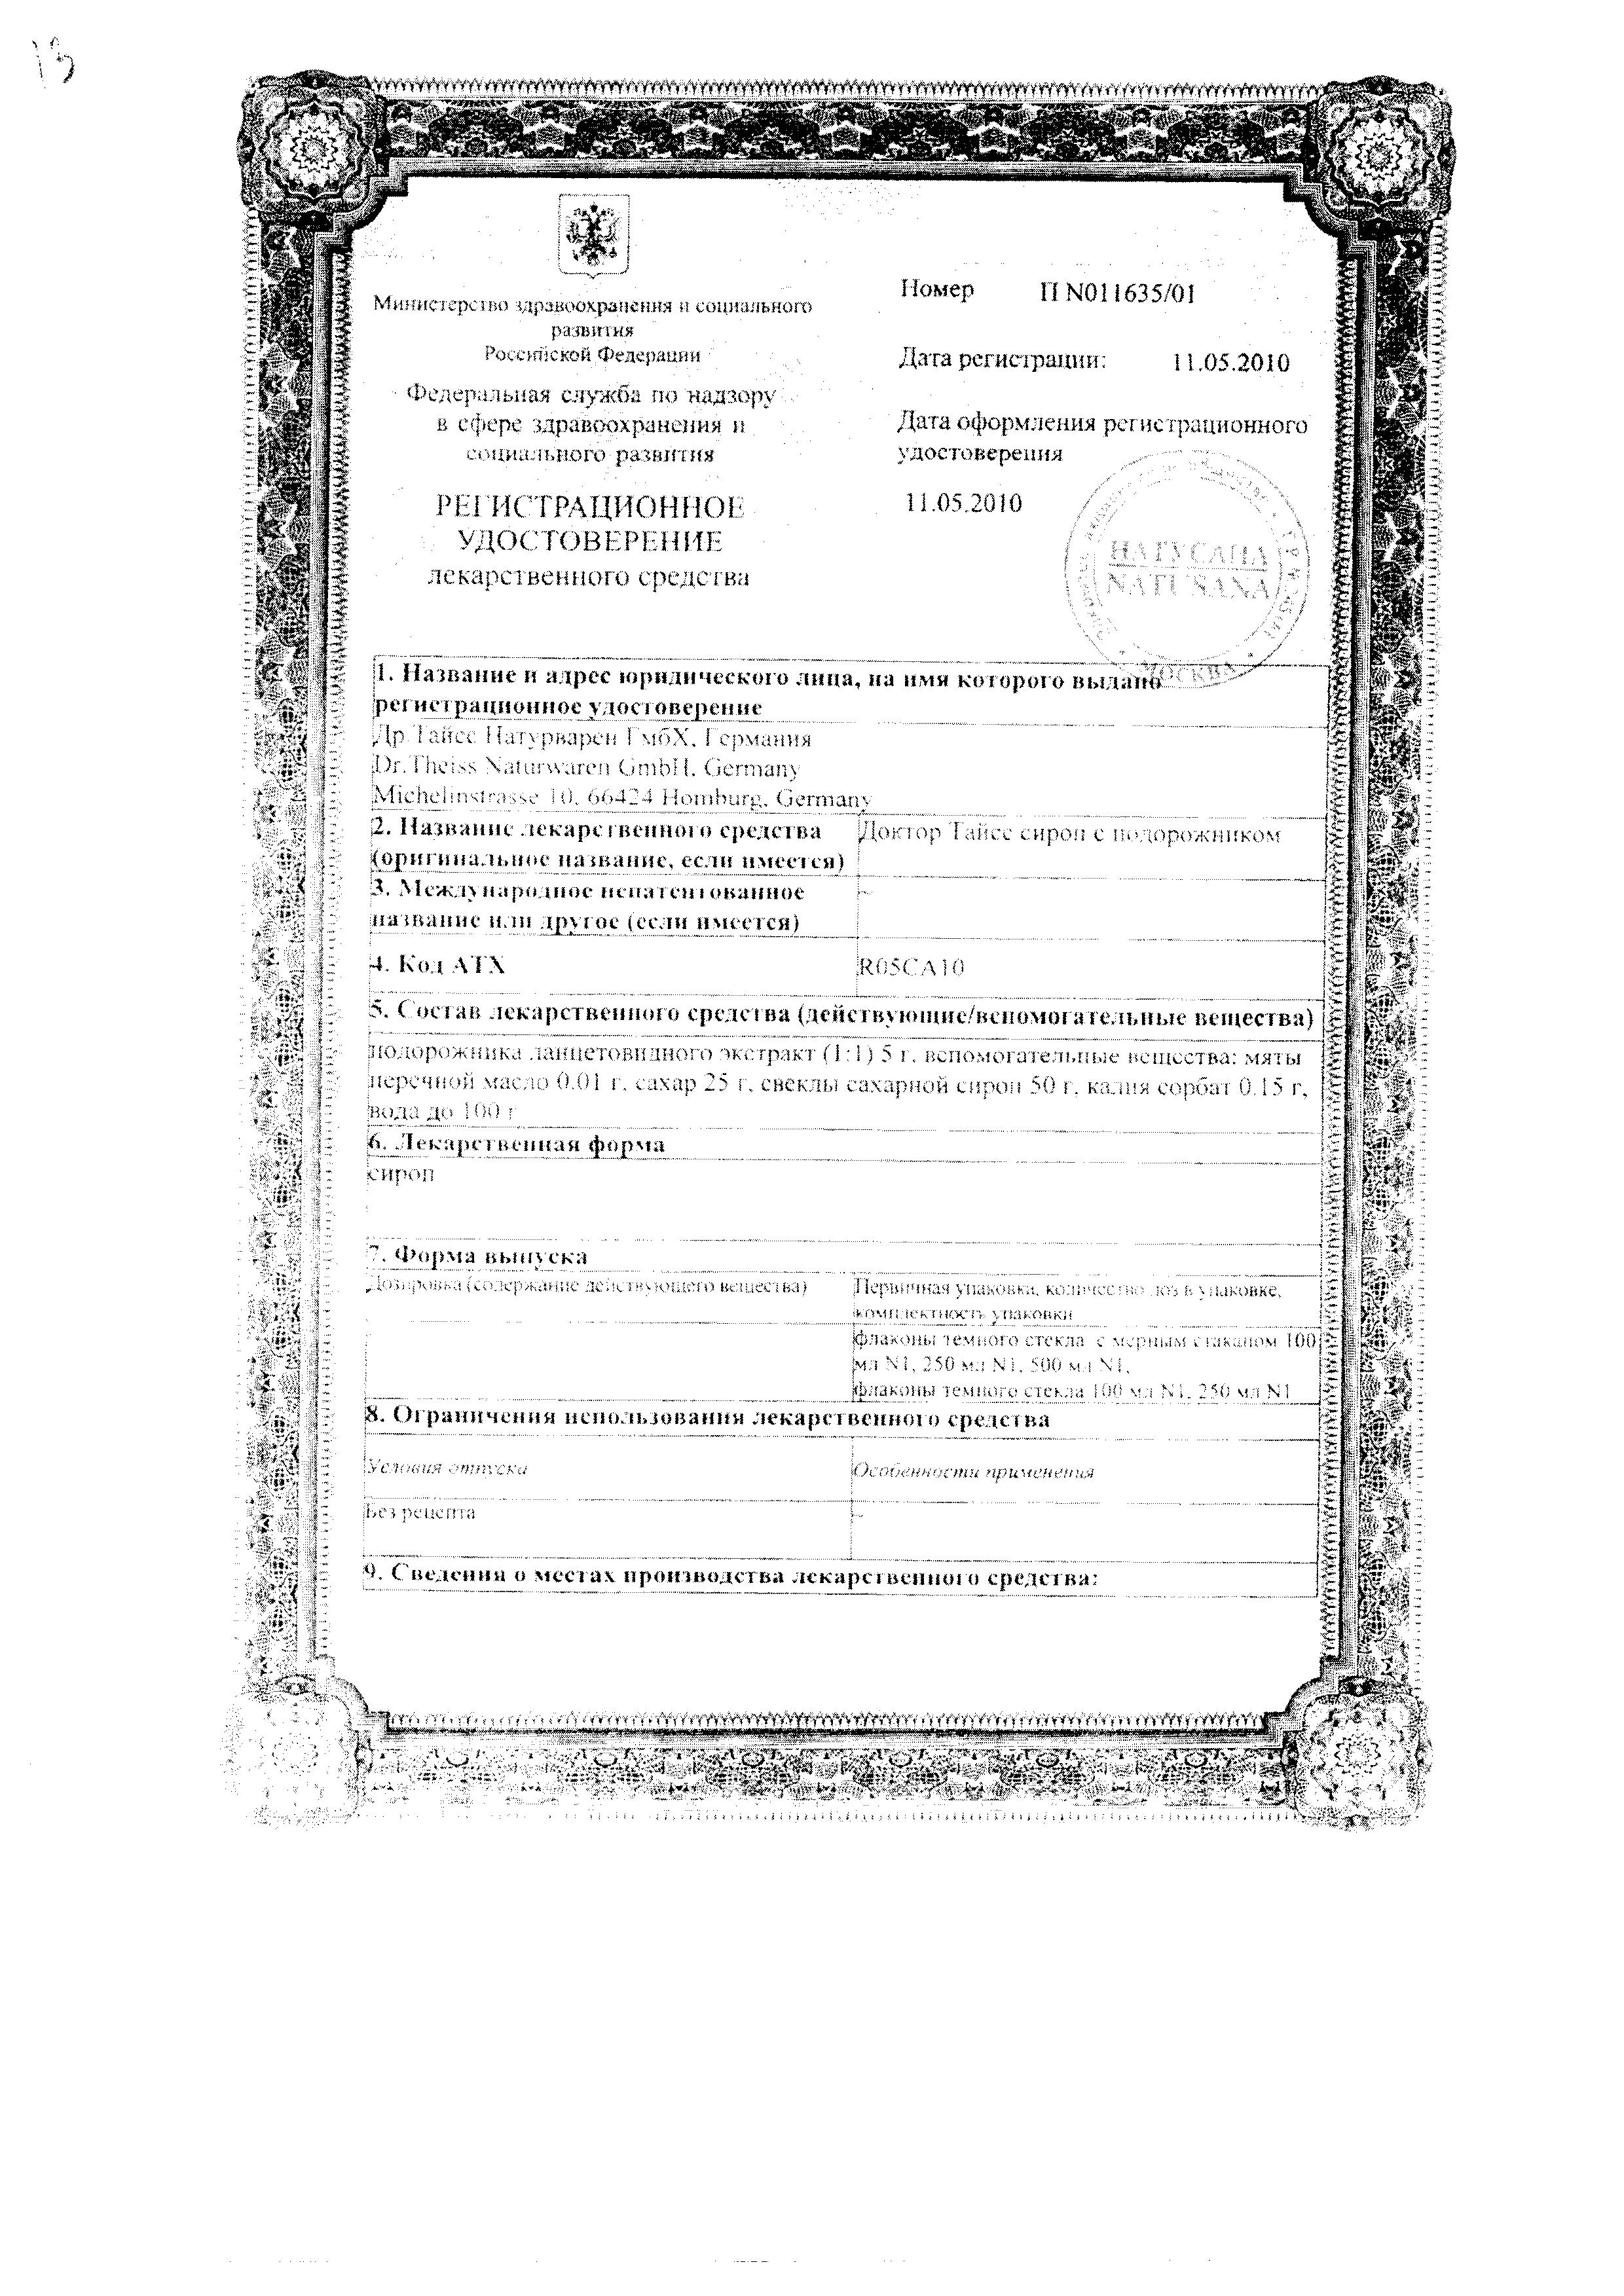 Доктор Тайсс сироп с подорожником сертификат